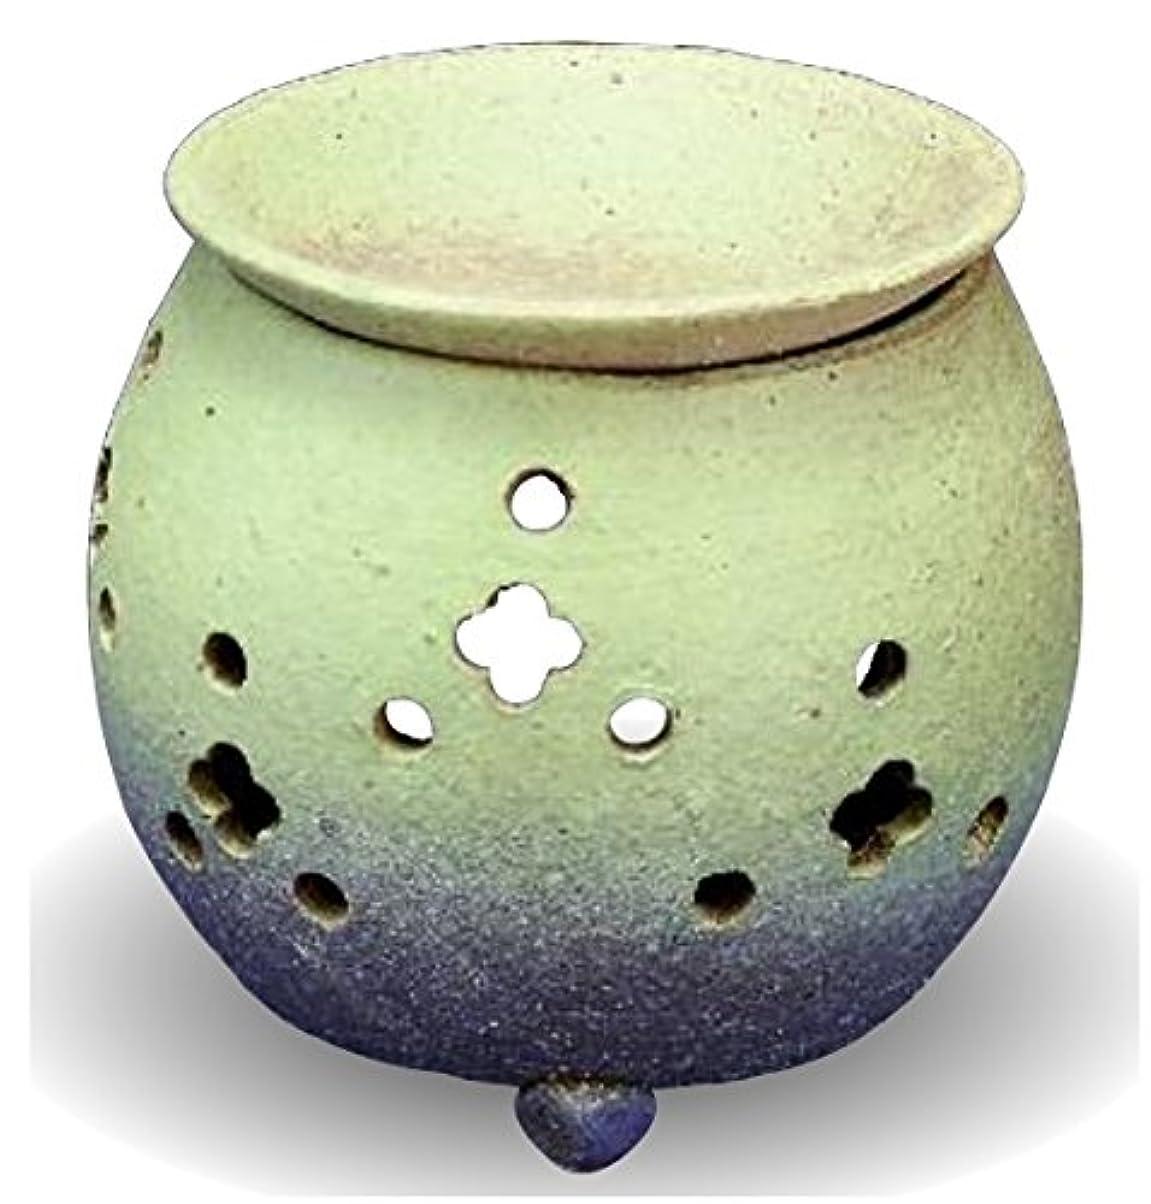 アーチ誘う圧倒的常滑焼 茶香炉(アロマポット)径10×高さ11.5cm